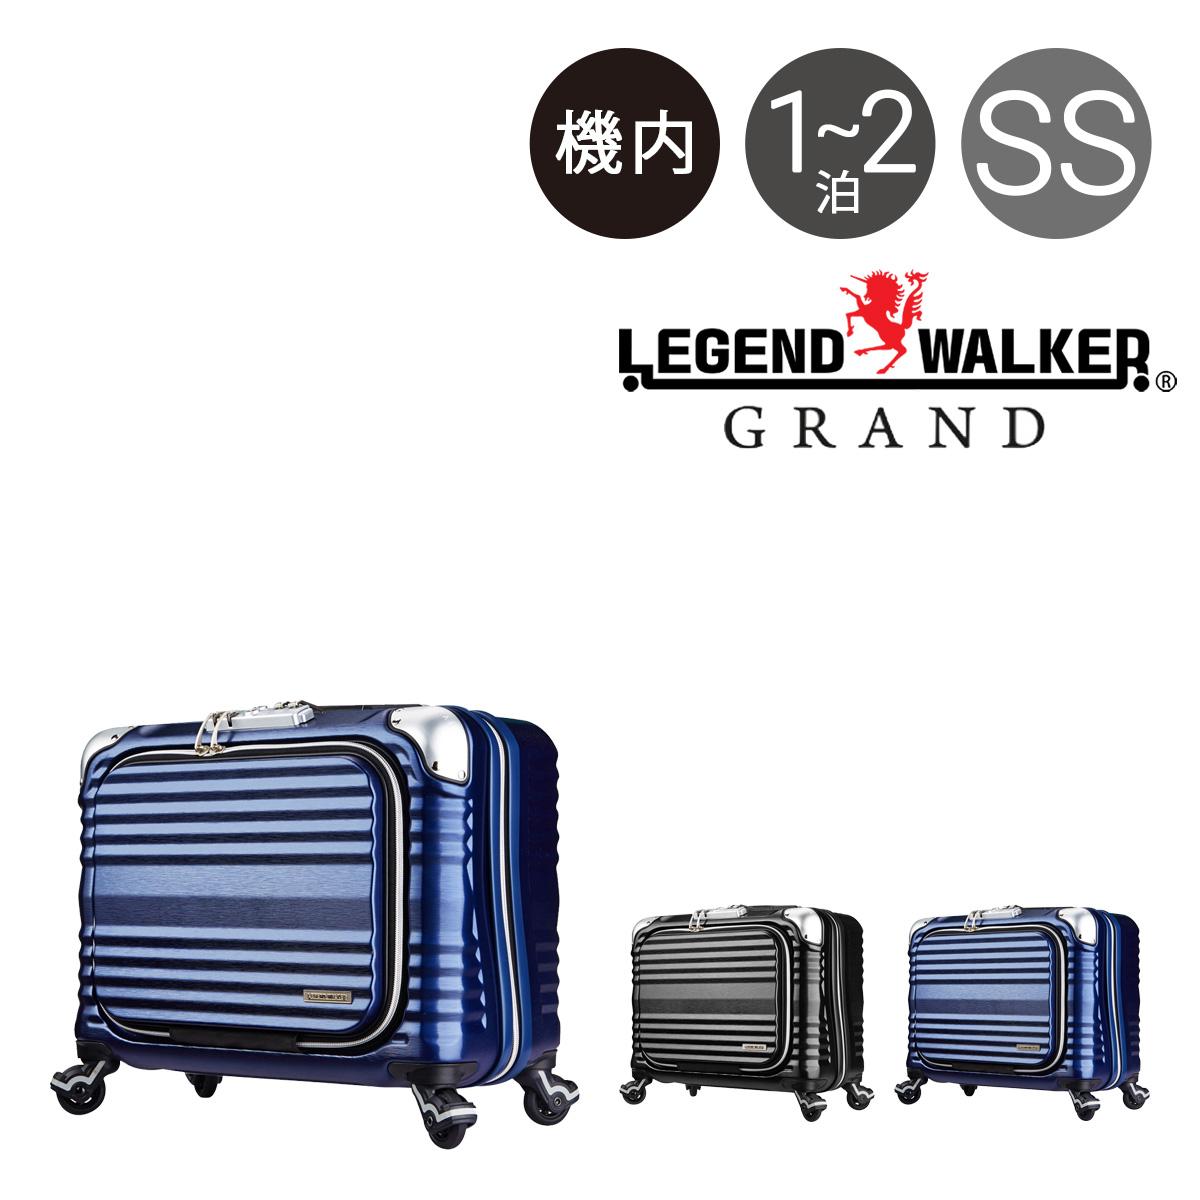 レジェンドウォーカー スーツケース ビジネス 4輪 横型 グラン|機内持ち込み 34L 34cm 3.1kg 6606-44|軽量 フロントオープン 3年保証 ハード ファスナー 静音|TSAロック搭載 HINOMOTO [bef][PO10]